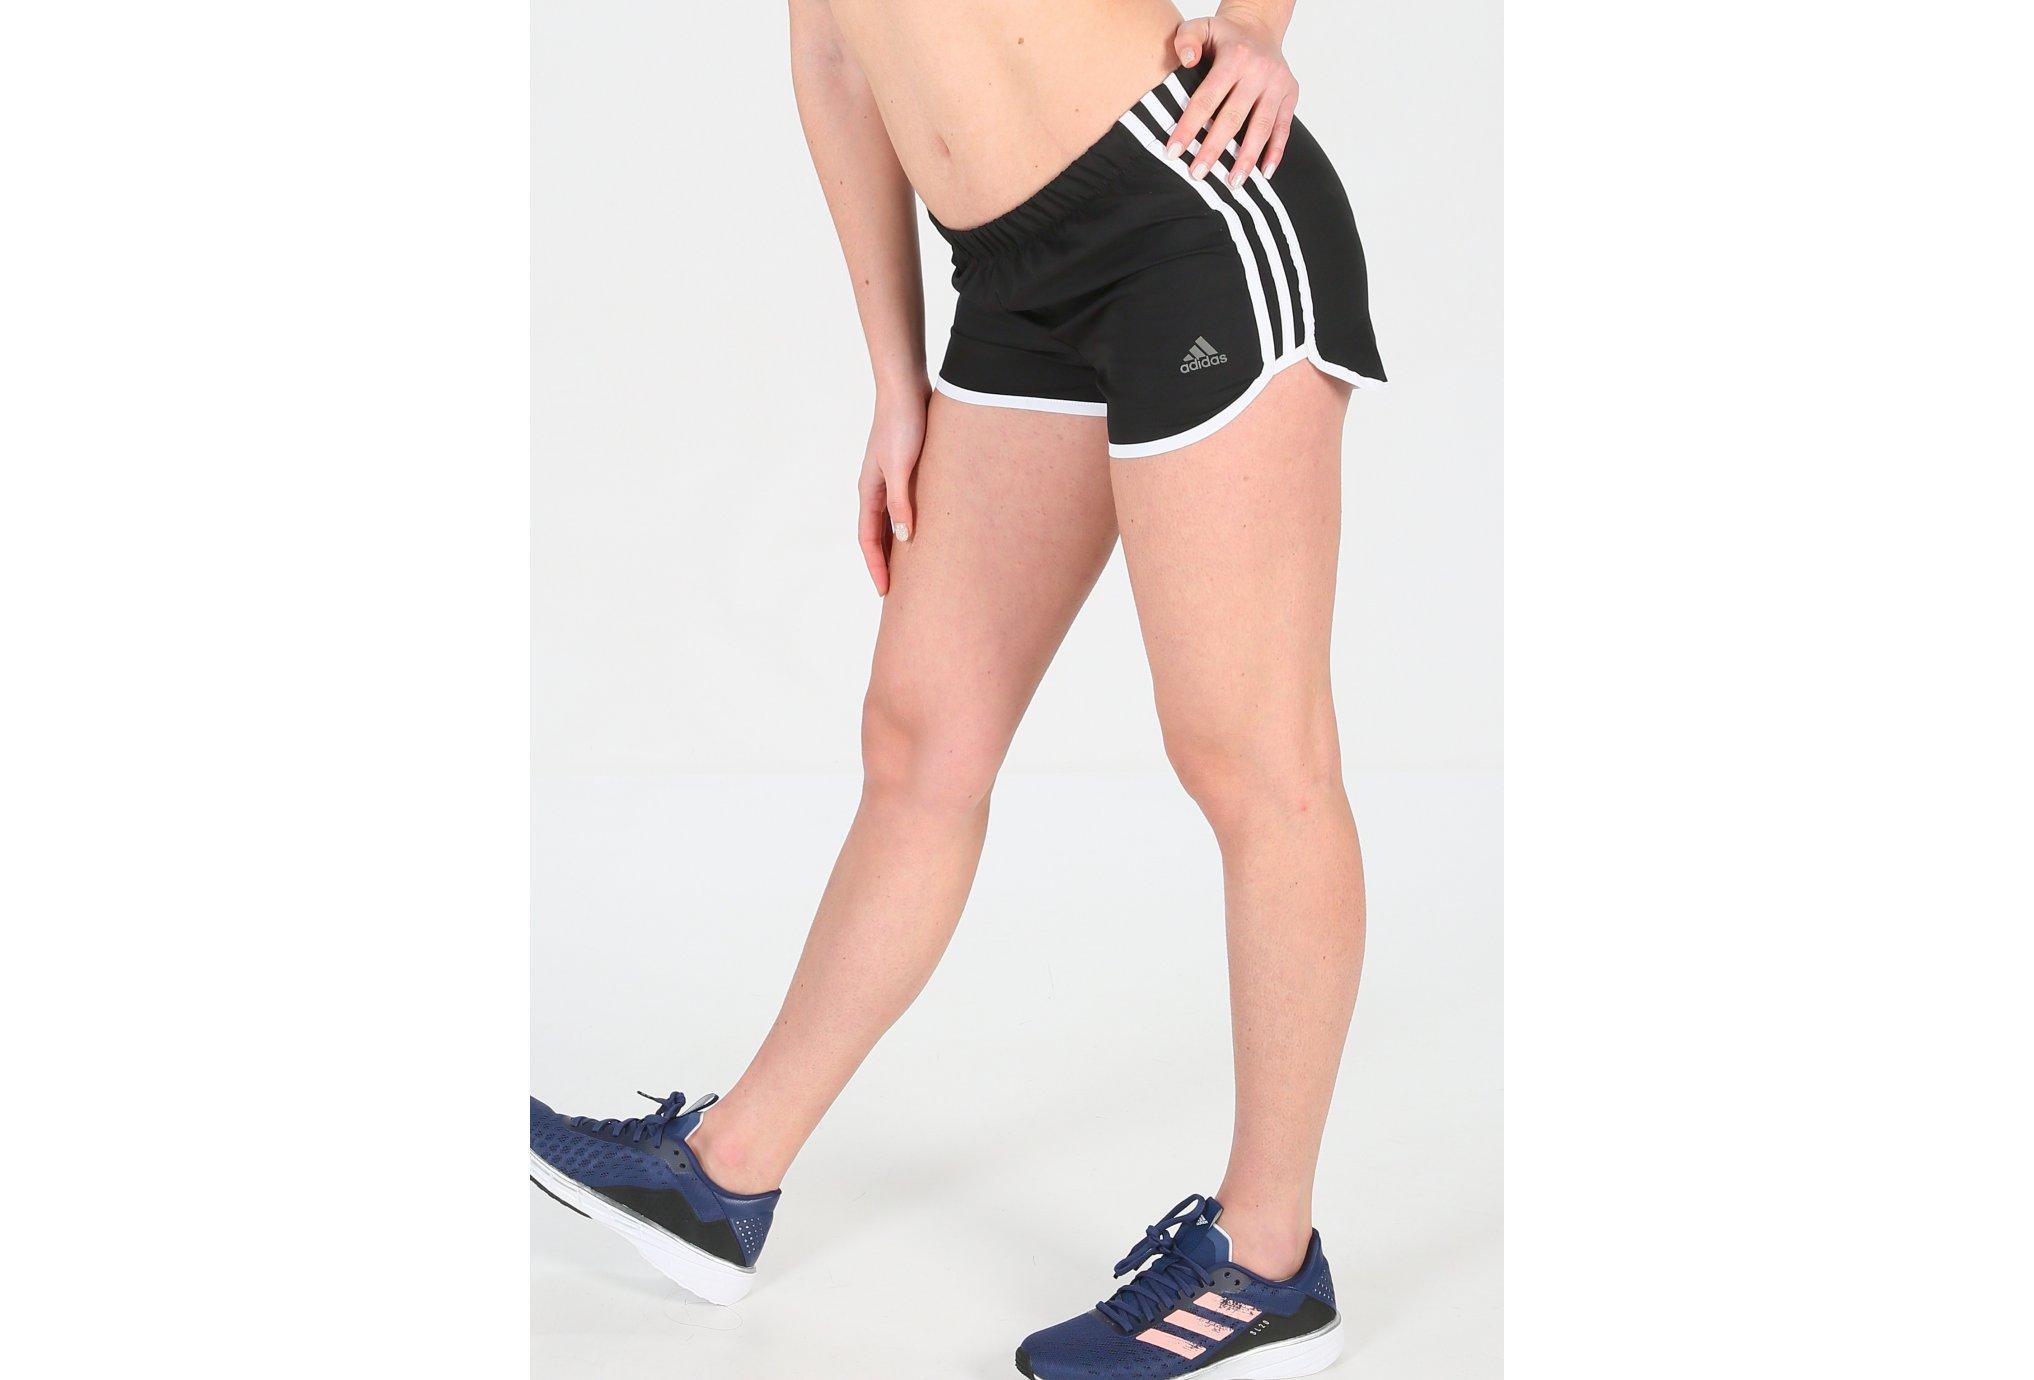 adidas M20 W vêtement running femme